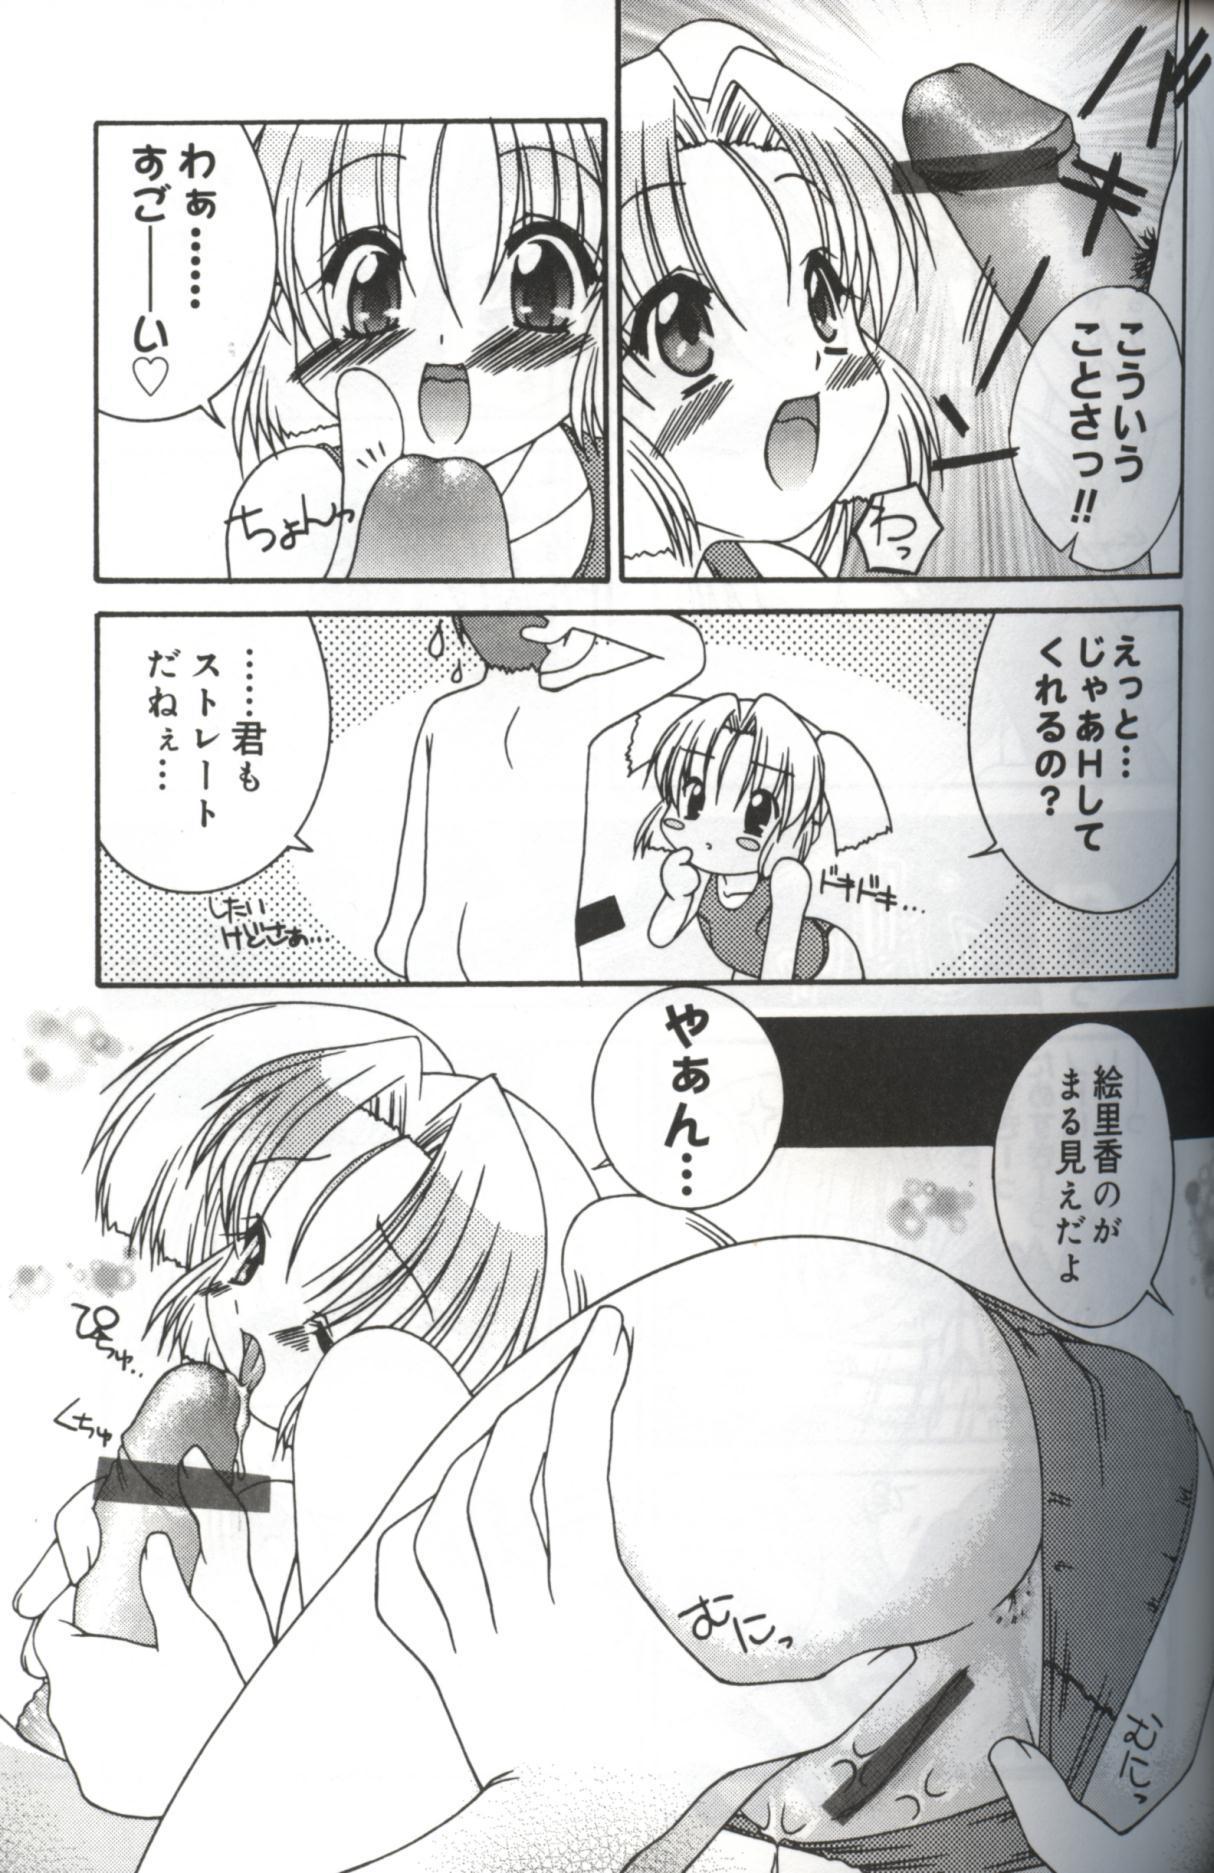 Hatsujou ♡ Oneesama 60